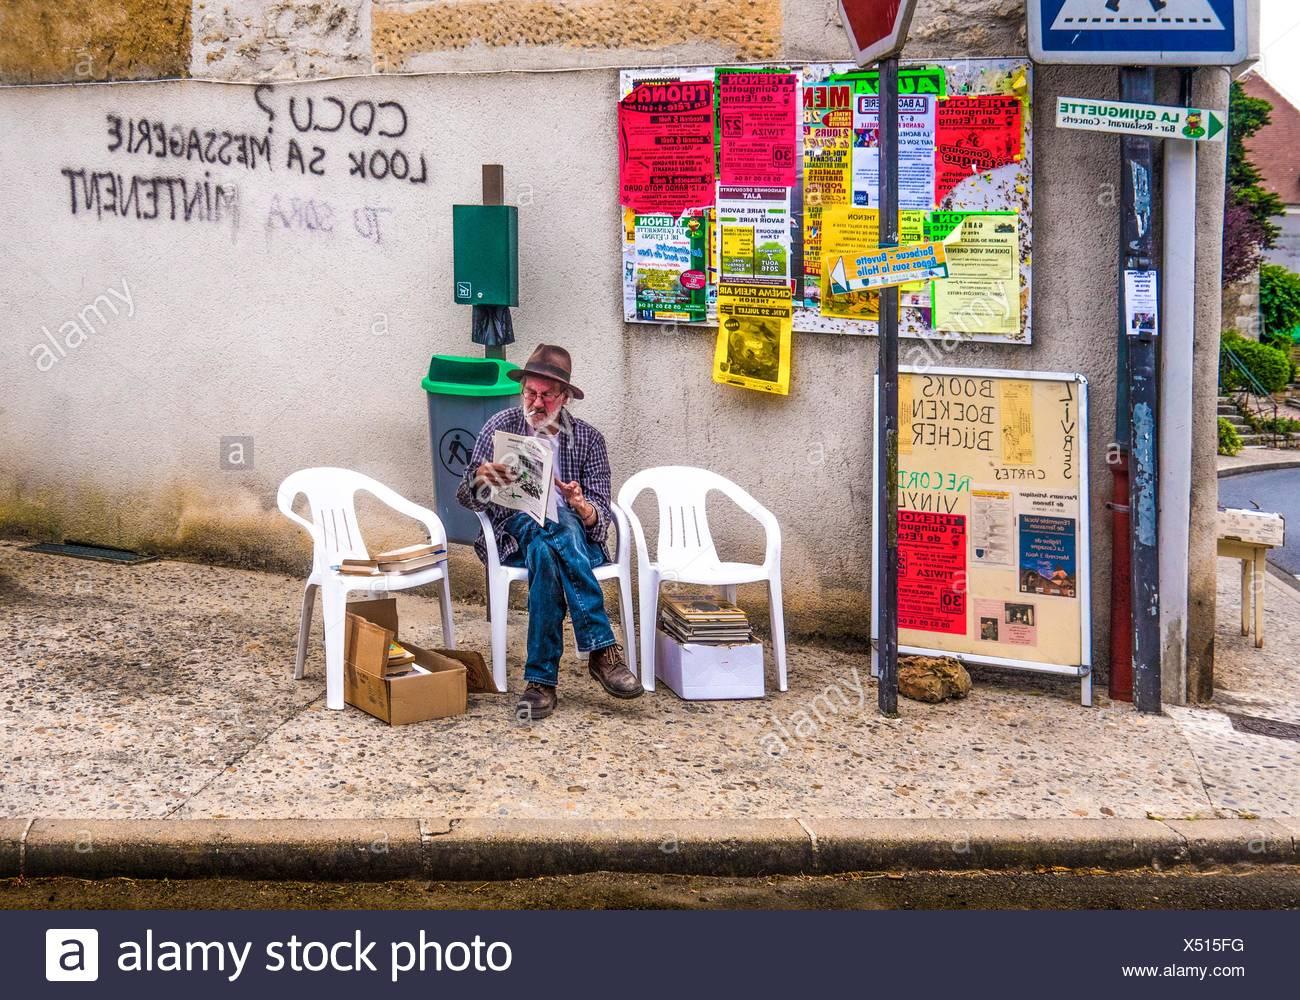 Graffitis in sehr schlecht Französisch, Thenon, Dordogne, Nouvelle-Aquitaine, Frankreich Stockbild